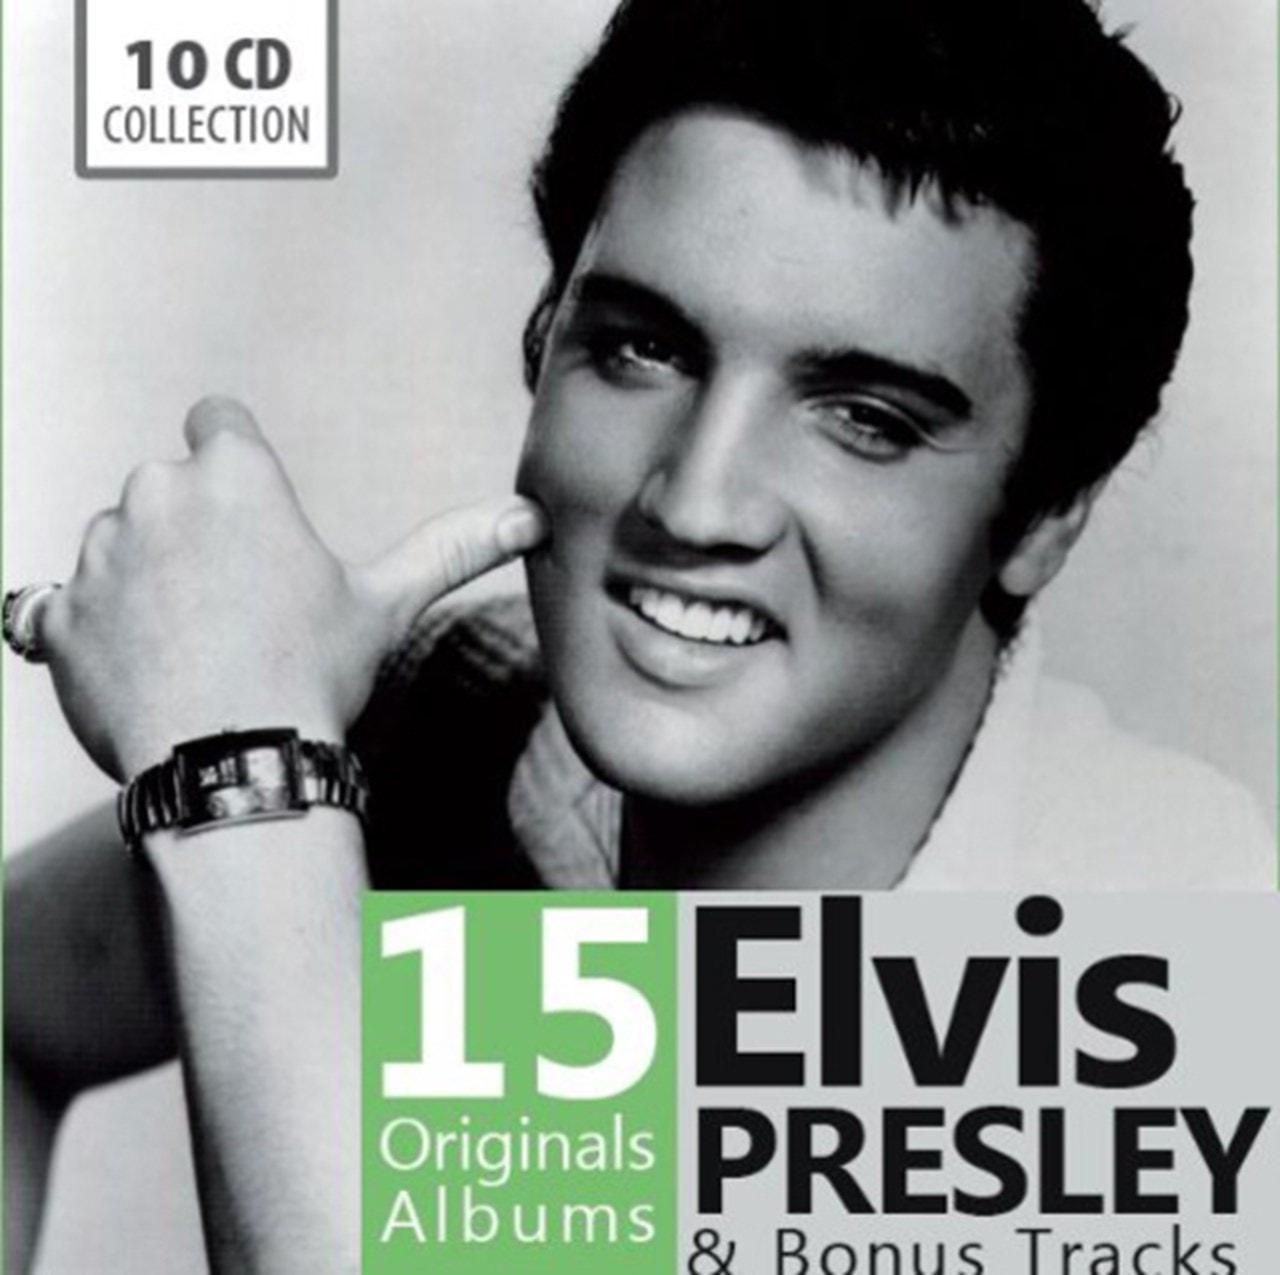 15 Original Albums - 1